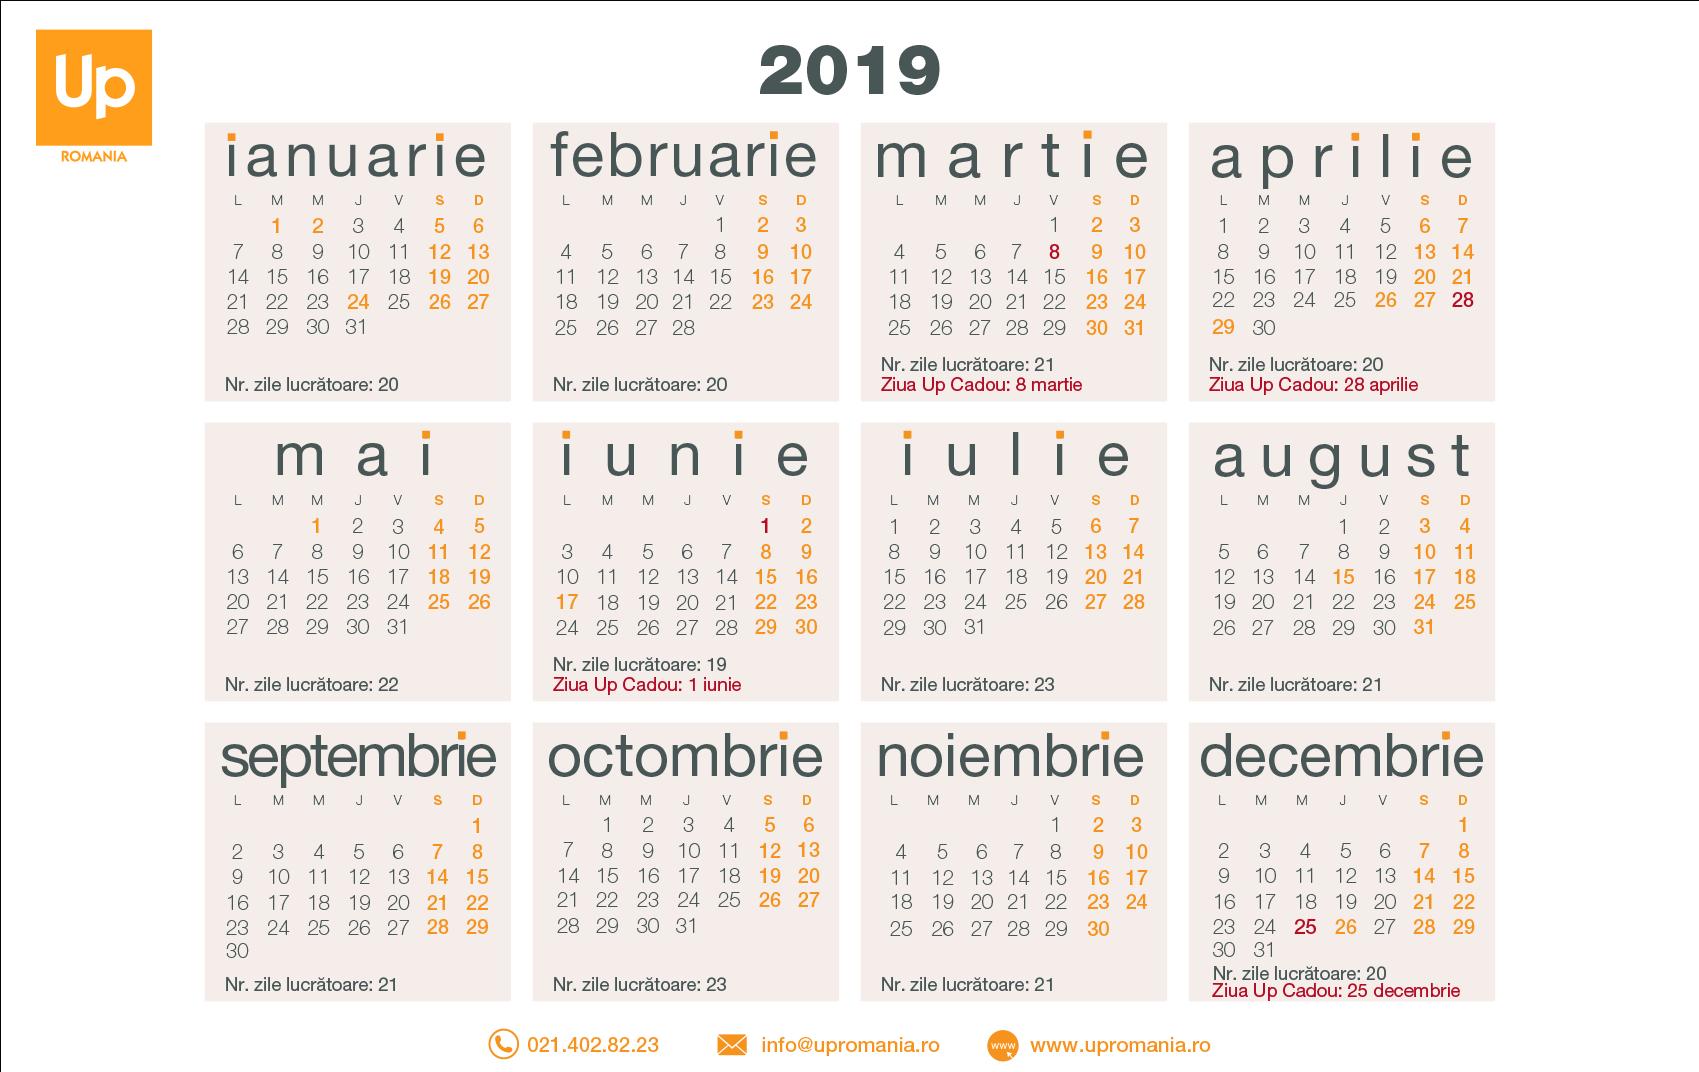 Calendar Zile Lucratoare 2020 | Up Romania within Calendar 2020 Zile Lucratoare